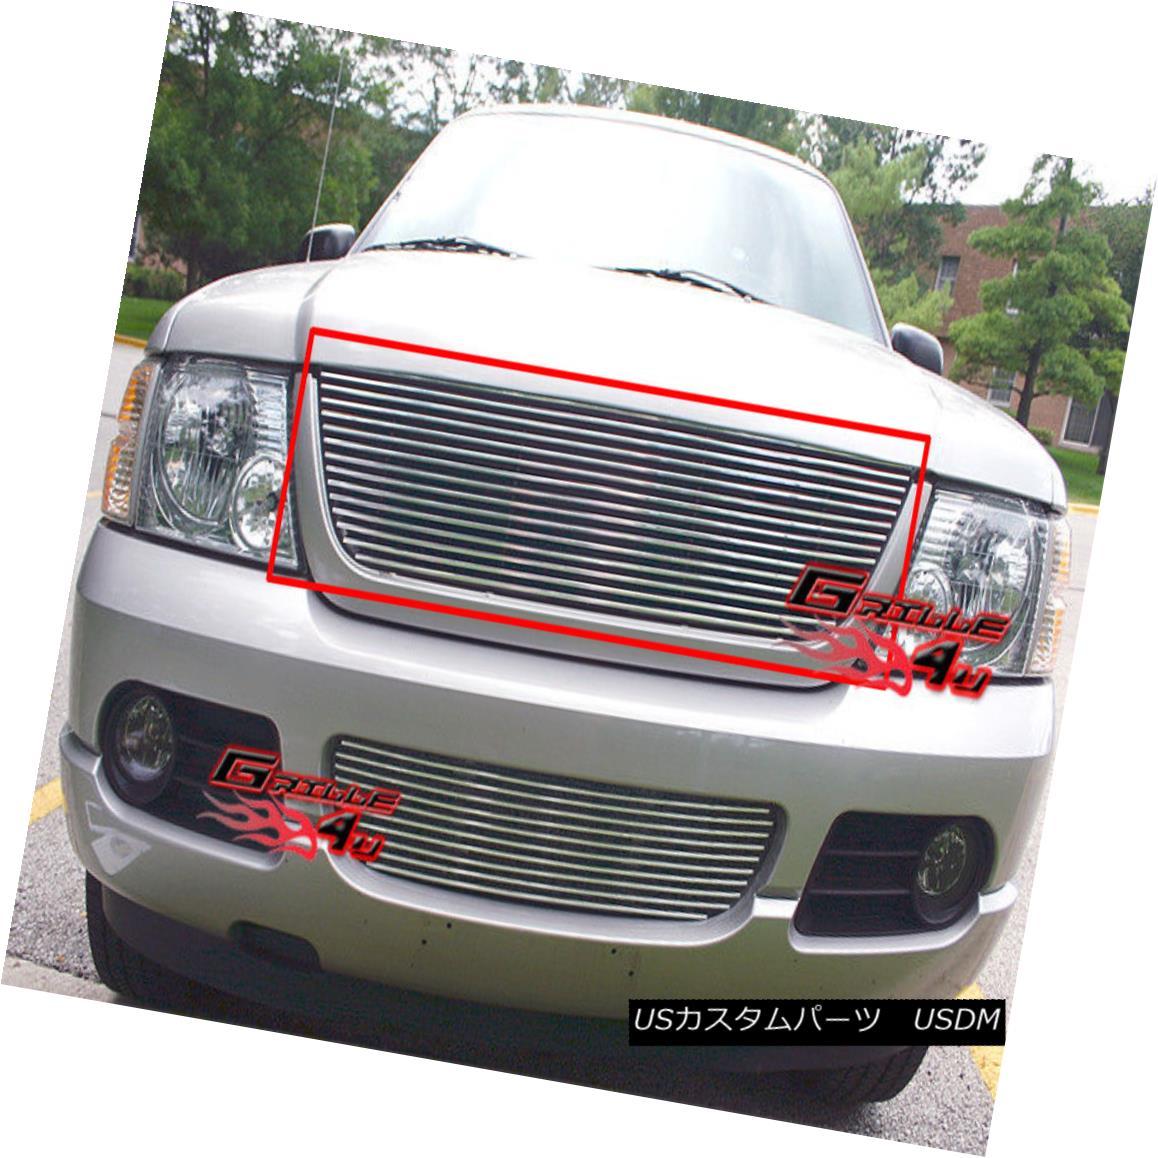 グリル Fits 2002-2005 Ford Explorer Main Upper Billet Grille Insert フィット2002-2005フォードエクスプローラーメインアッパービレットグリルインサート